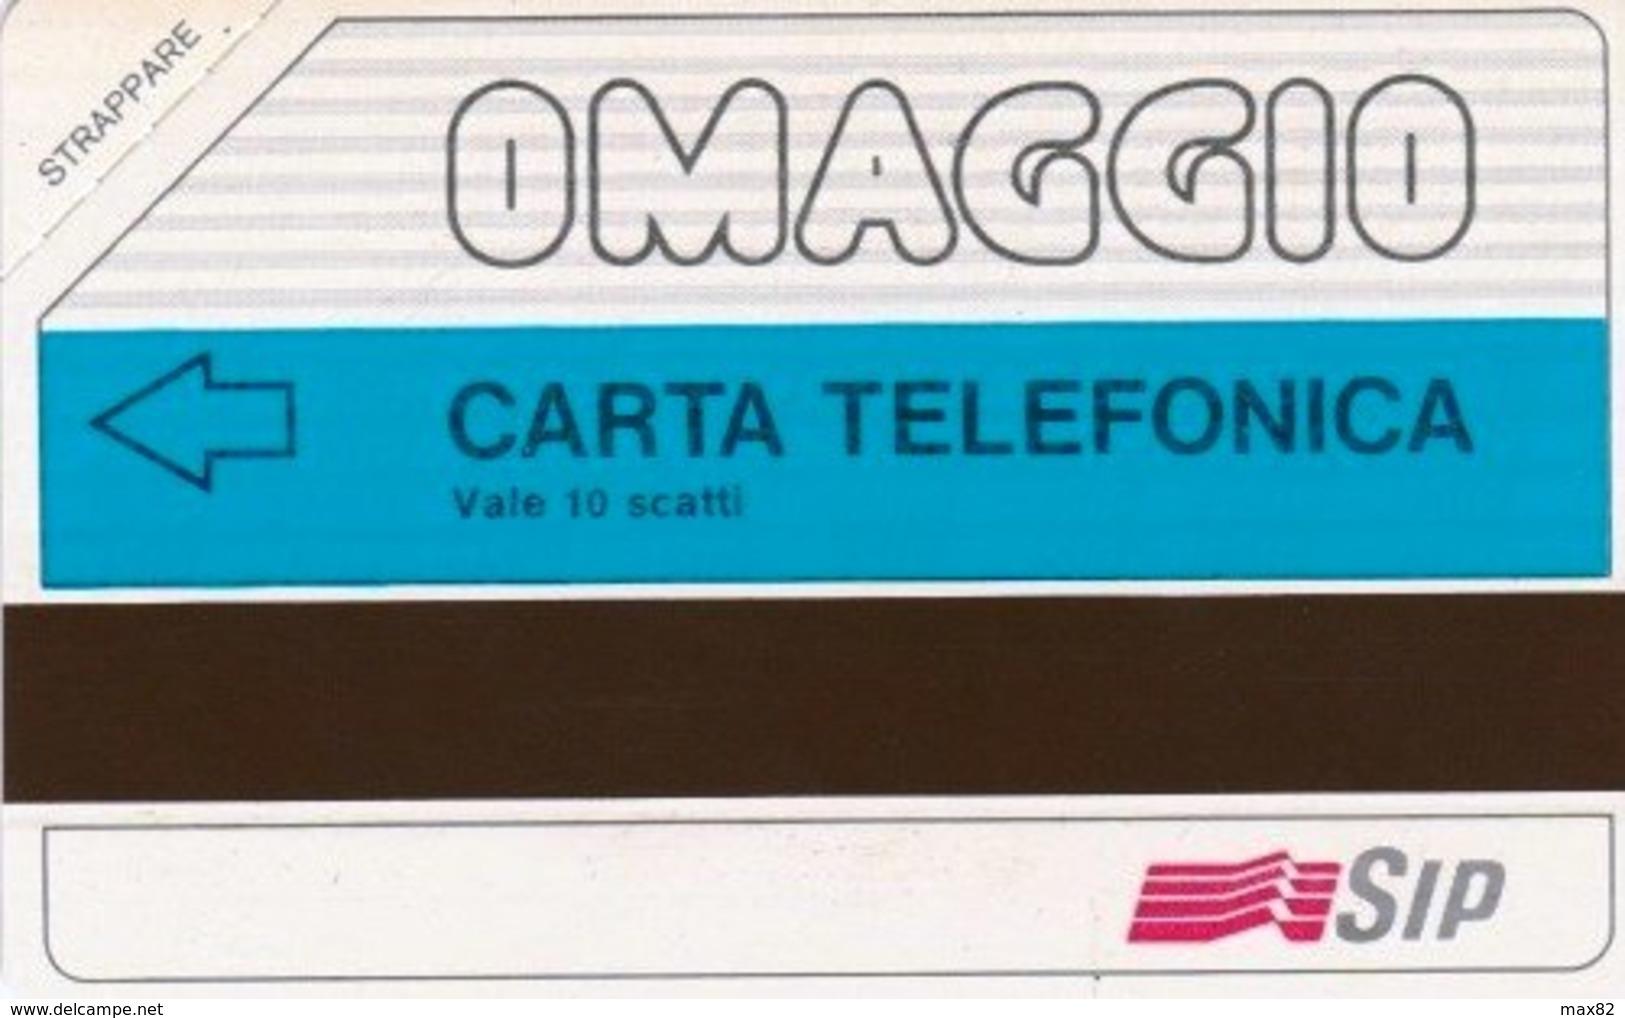 FASCE ORARIE OMAGGIO 3005 C&c / PO5 Golden, NUOVA BOLLATA - Italië